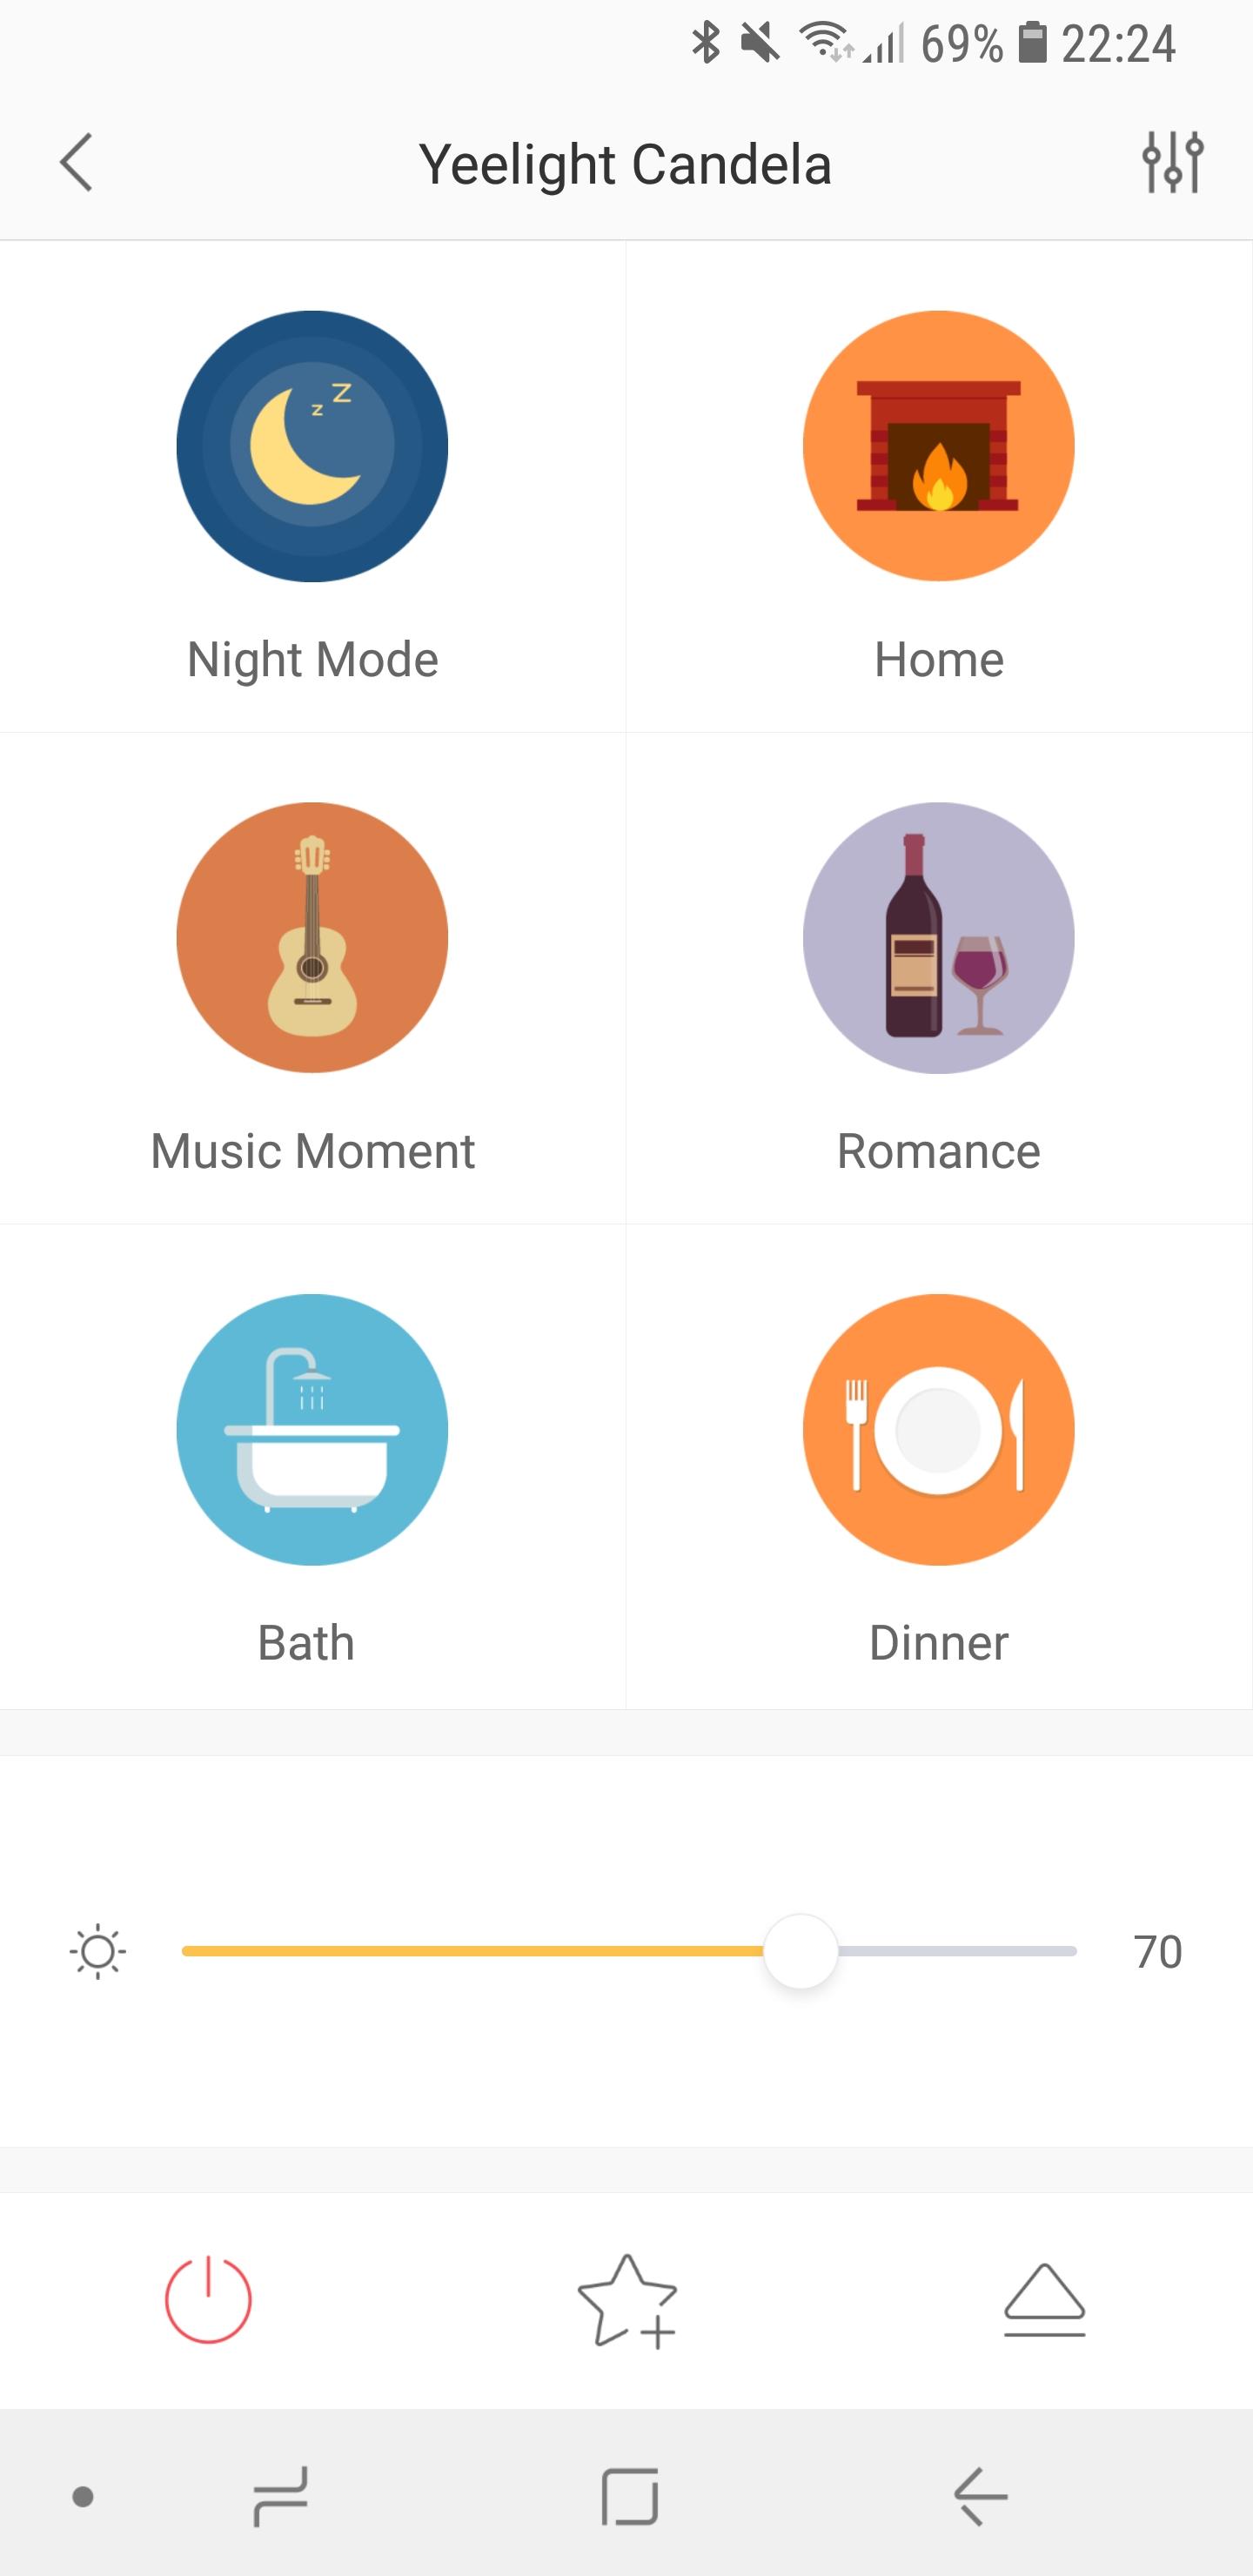 Xiaomi Yeelight Candela App 8